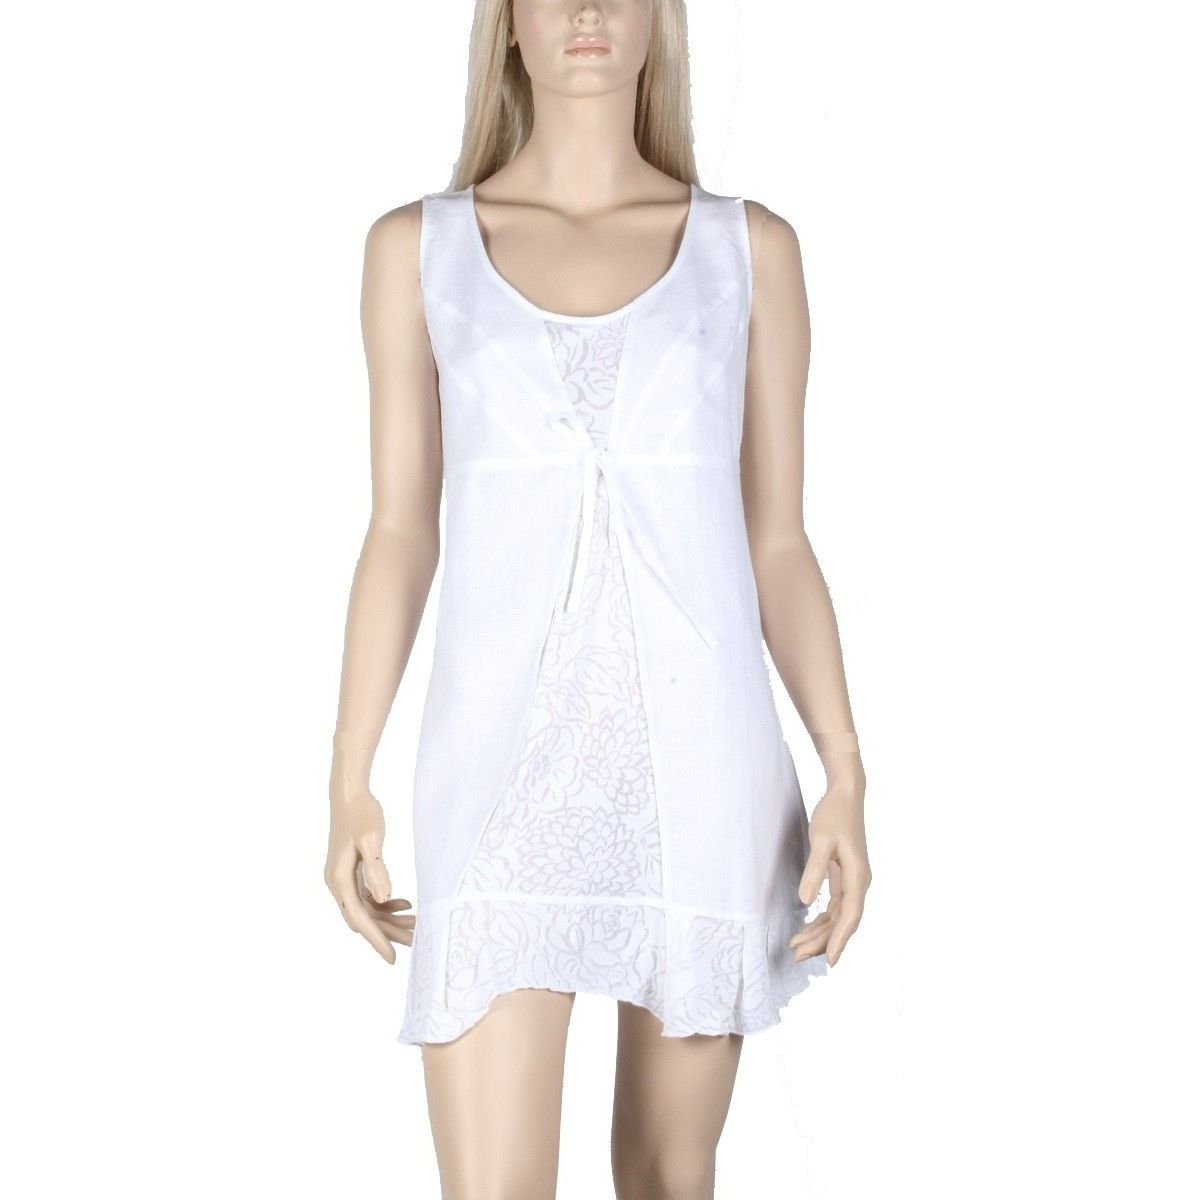 Tunique Blanche en lin et coton collection de vêtement femme marque Maloka